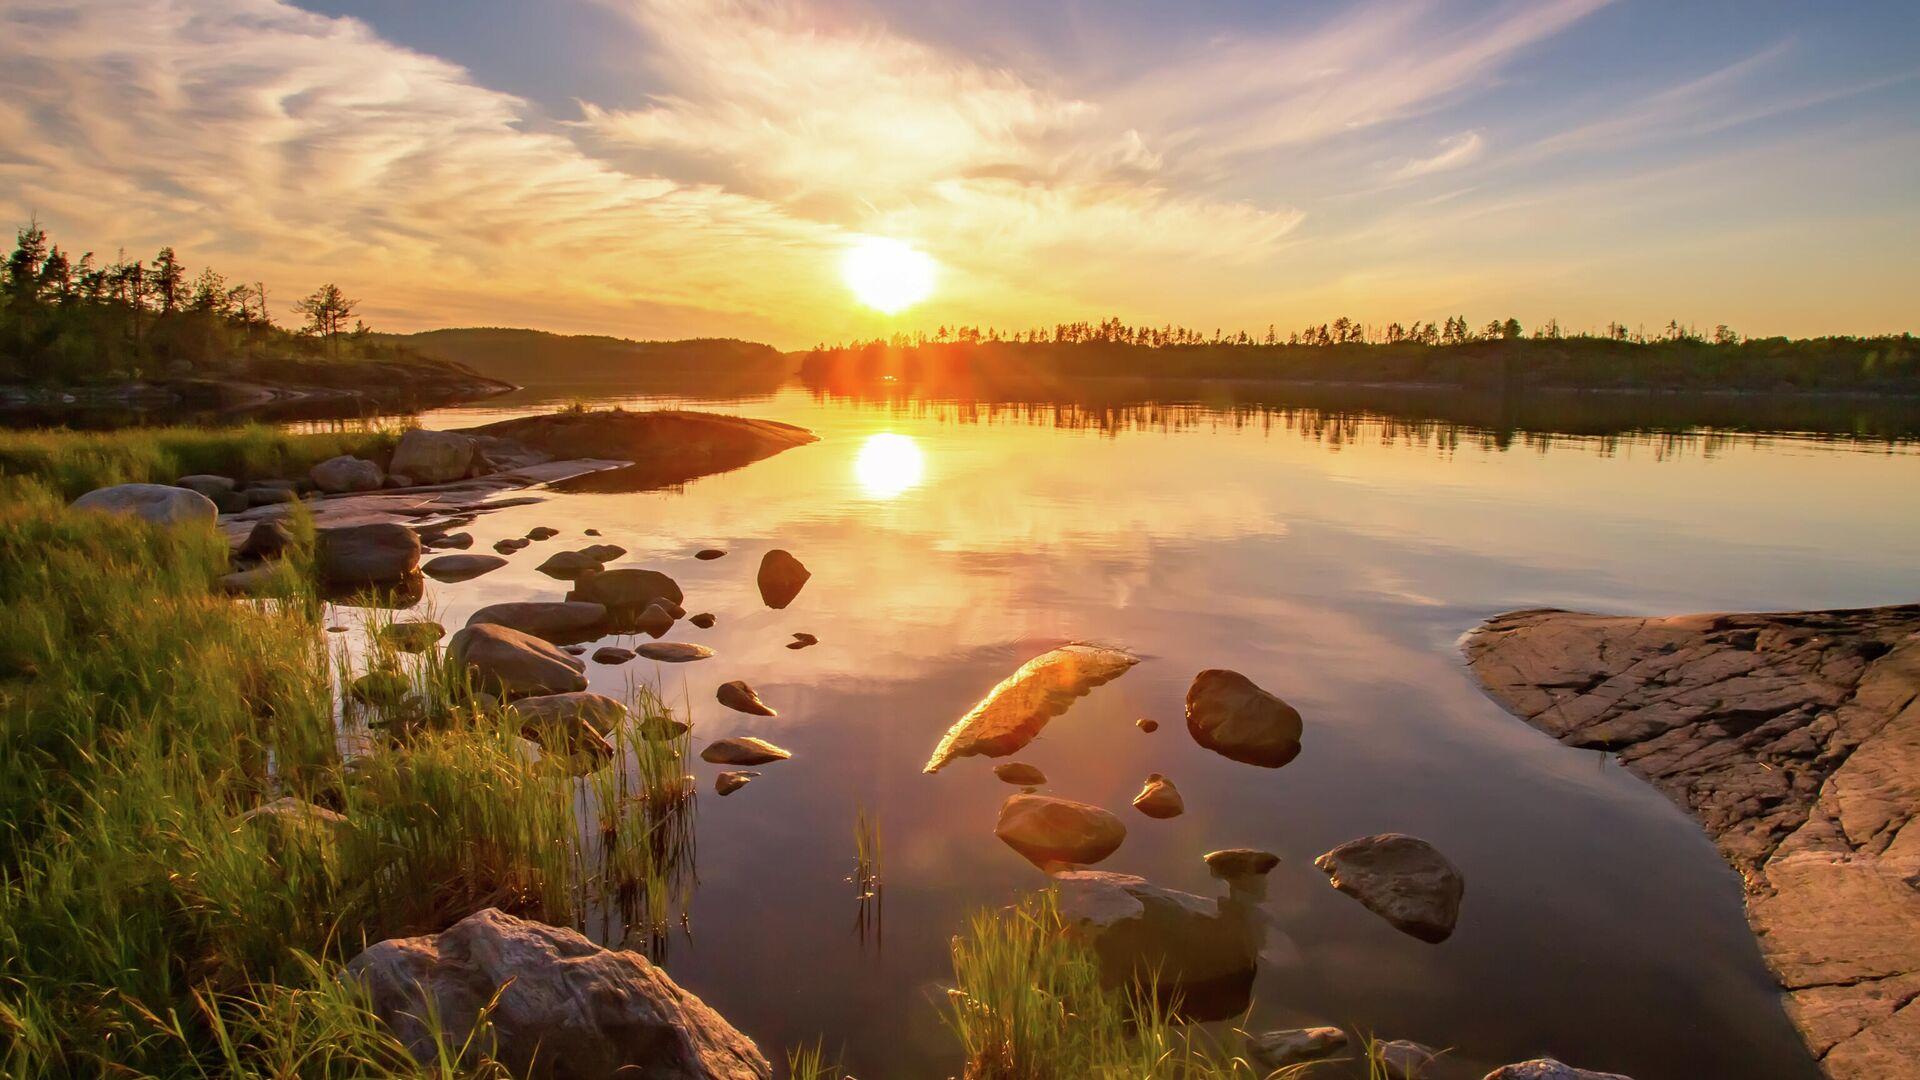 Закат на Ладожском озере в Карелии - РИА Новости, 1920, 05.10.2021